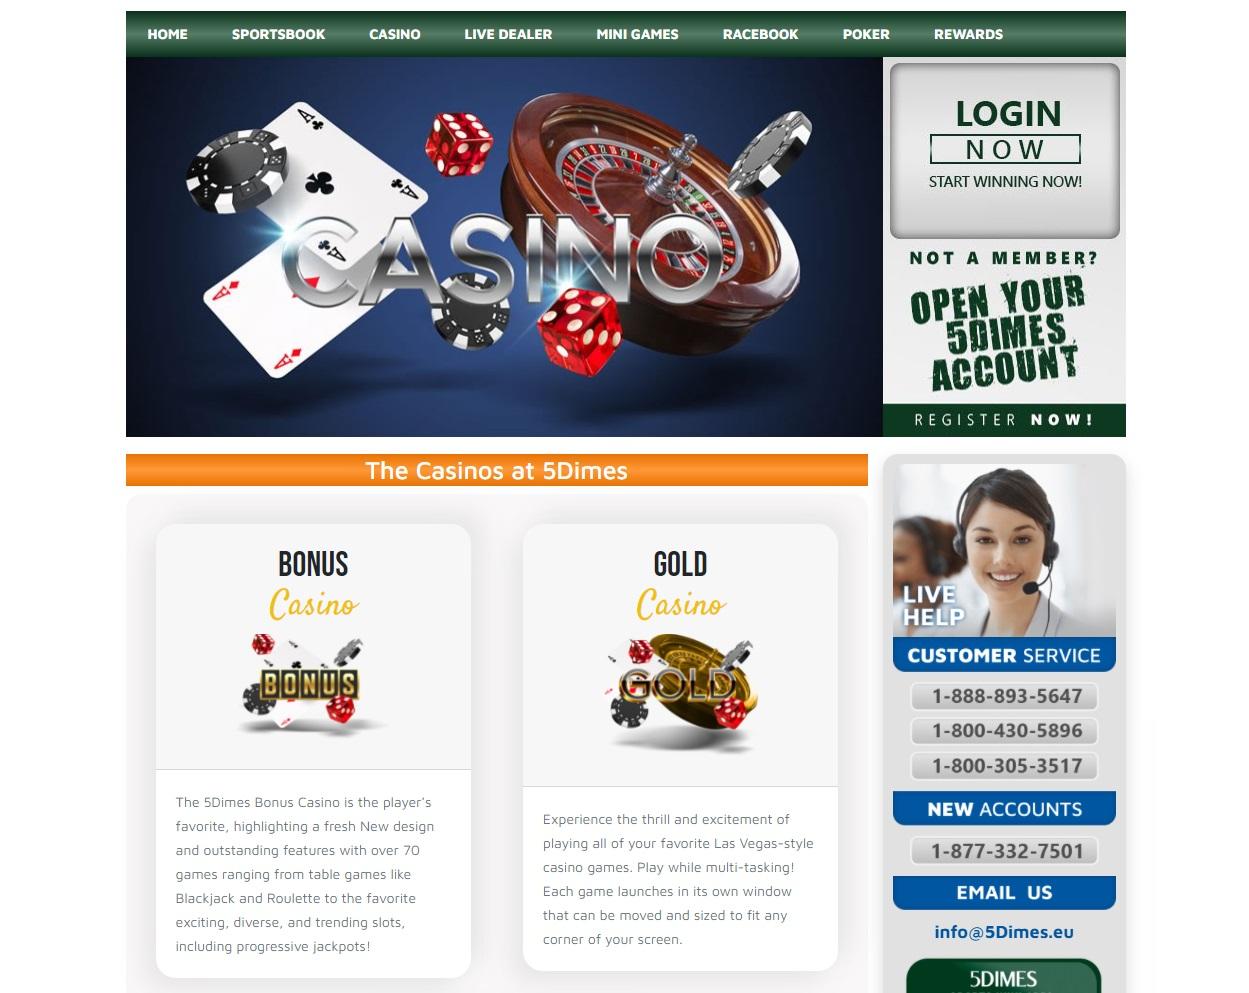 5Dimes casino live